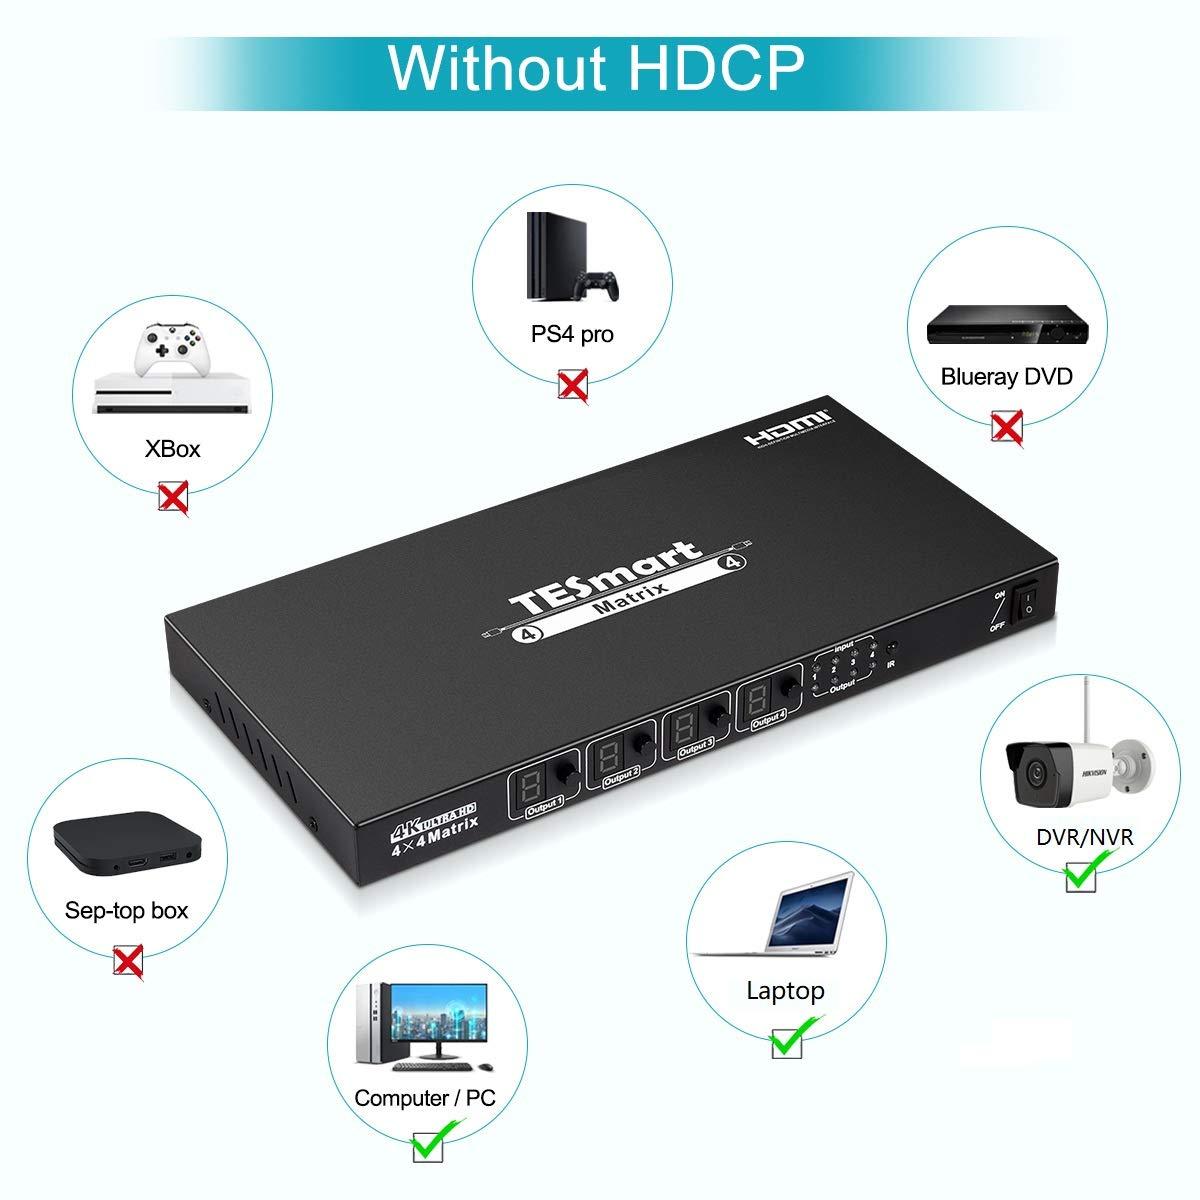 3D y Deep Color HDMI Conmutador de matriz TESmart Ultra HD 4K HDMI 4X4 Entradas de 4 puertos y salidas de 4 puertos con RS232 Control remoto IR Compatible con 4Kx2K @ 30HZ compatible con HDCP